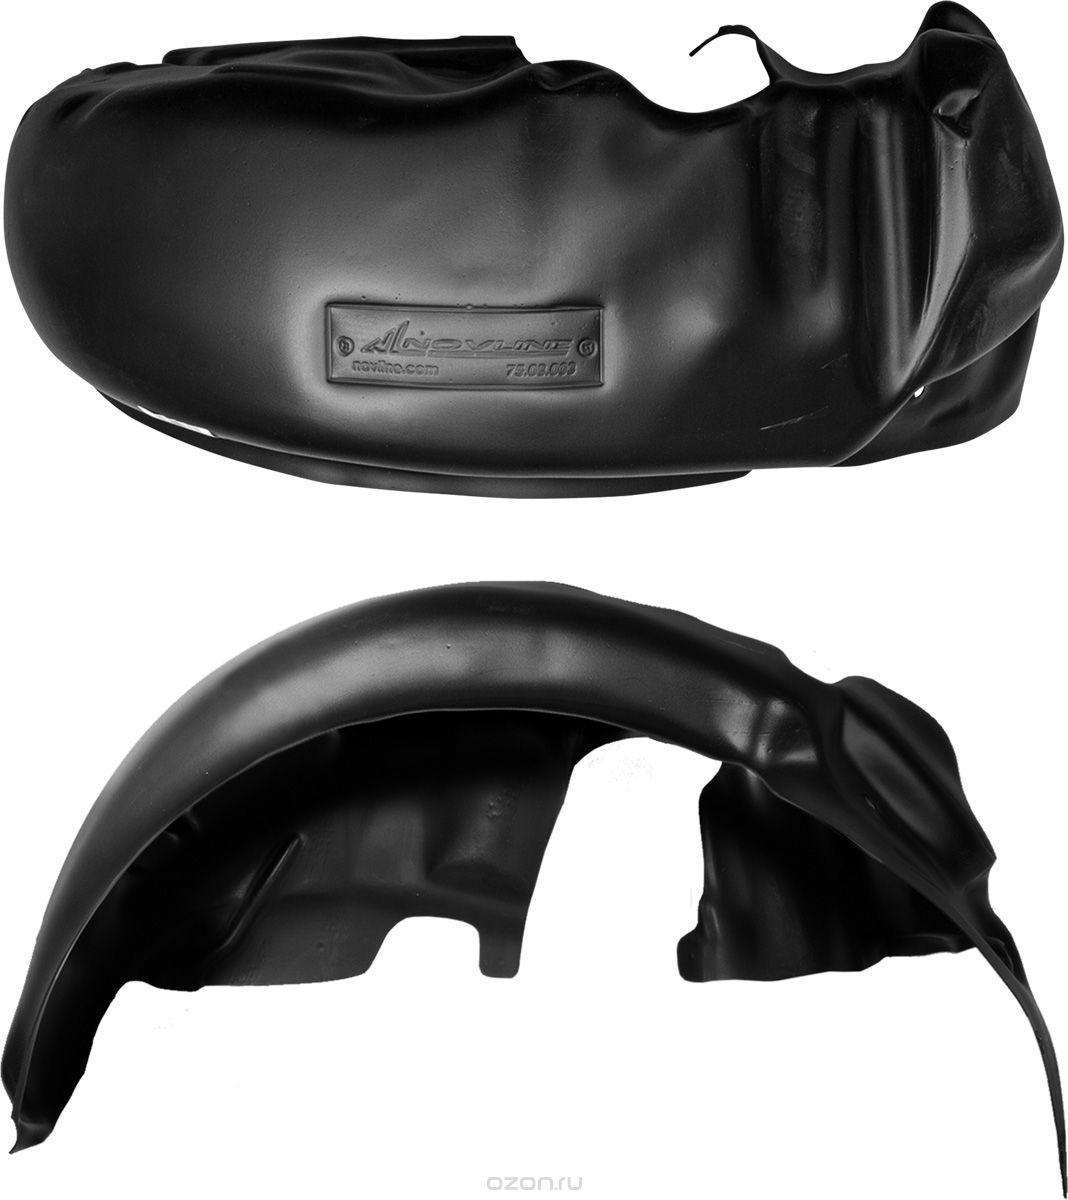 Подкрылок Novline-Autofamily, для CHEVROLET Aveo 5D/3D 2008->, хб.(передний правый, NLL.08.13.002NLL.08.13.002Идеальная защита колесной ниши. Локеры разработаны с применением цифровых технологий, гарантируют максимальную повторяемость поверхности арки. Изделия устанавливаются без нарушения лакокрасочного покрытия автомобиля, каждый подкрылок комплектуется крепежом. Уважаемые клиенты, обращаем ваше внимание, что фотографии на подкрылки универсальные и не отражают реальную форму изделия. При этом само изделие идет точно под размер указанного автомобиля.